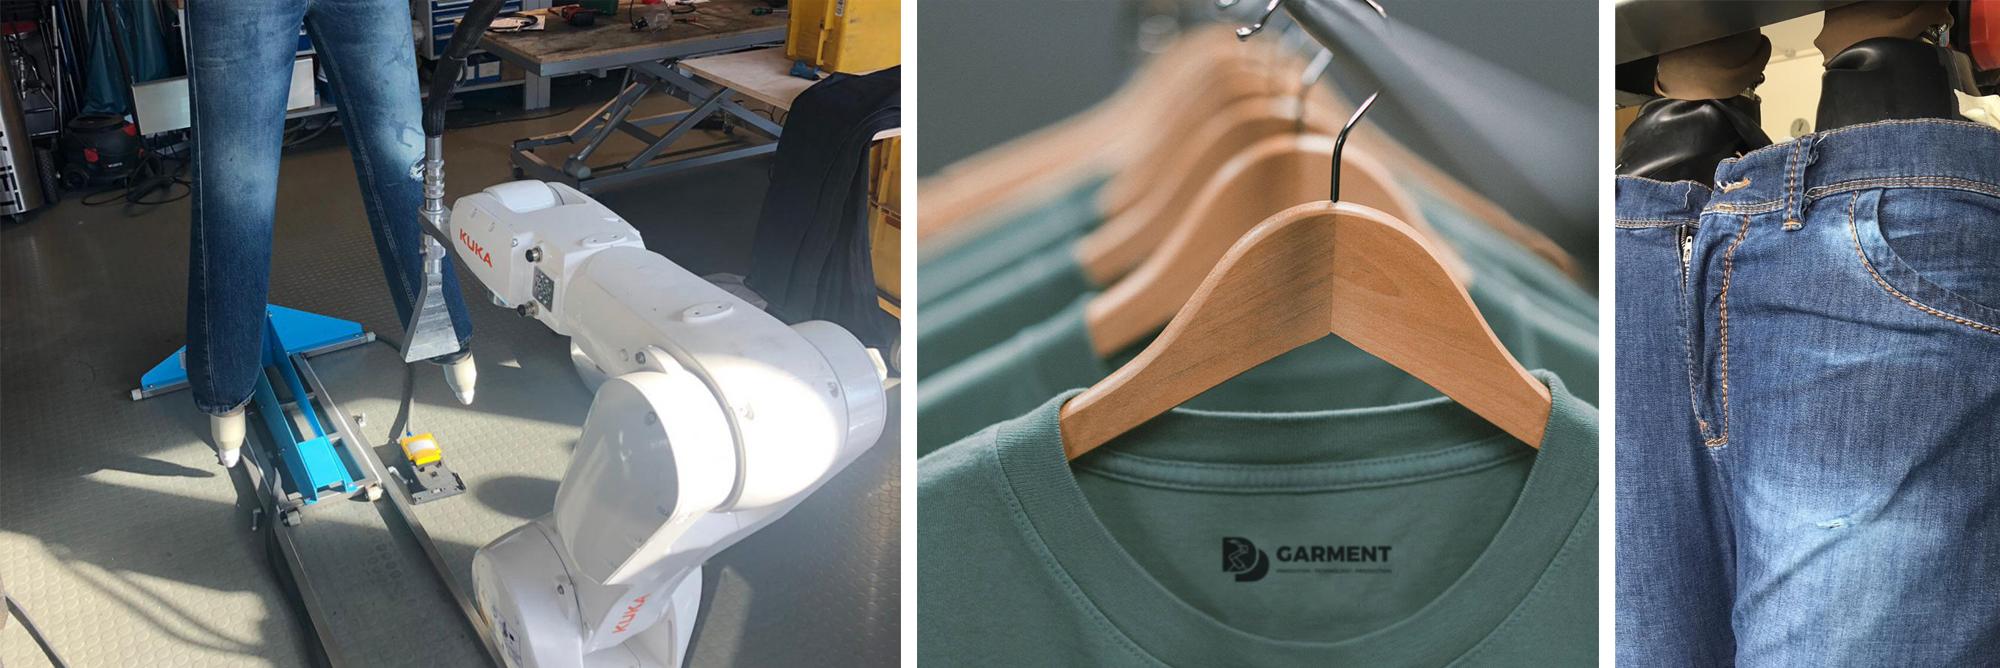 DD Garment Solutions